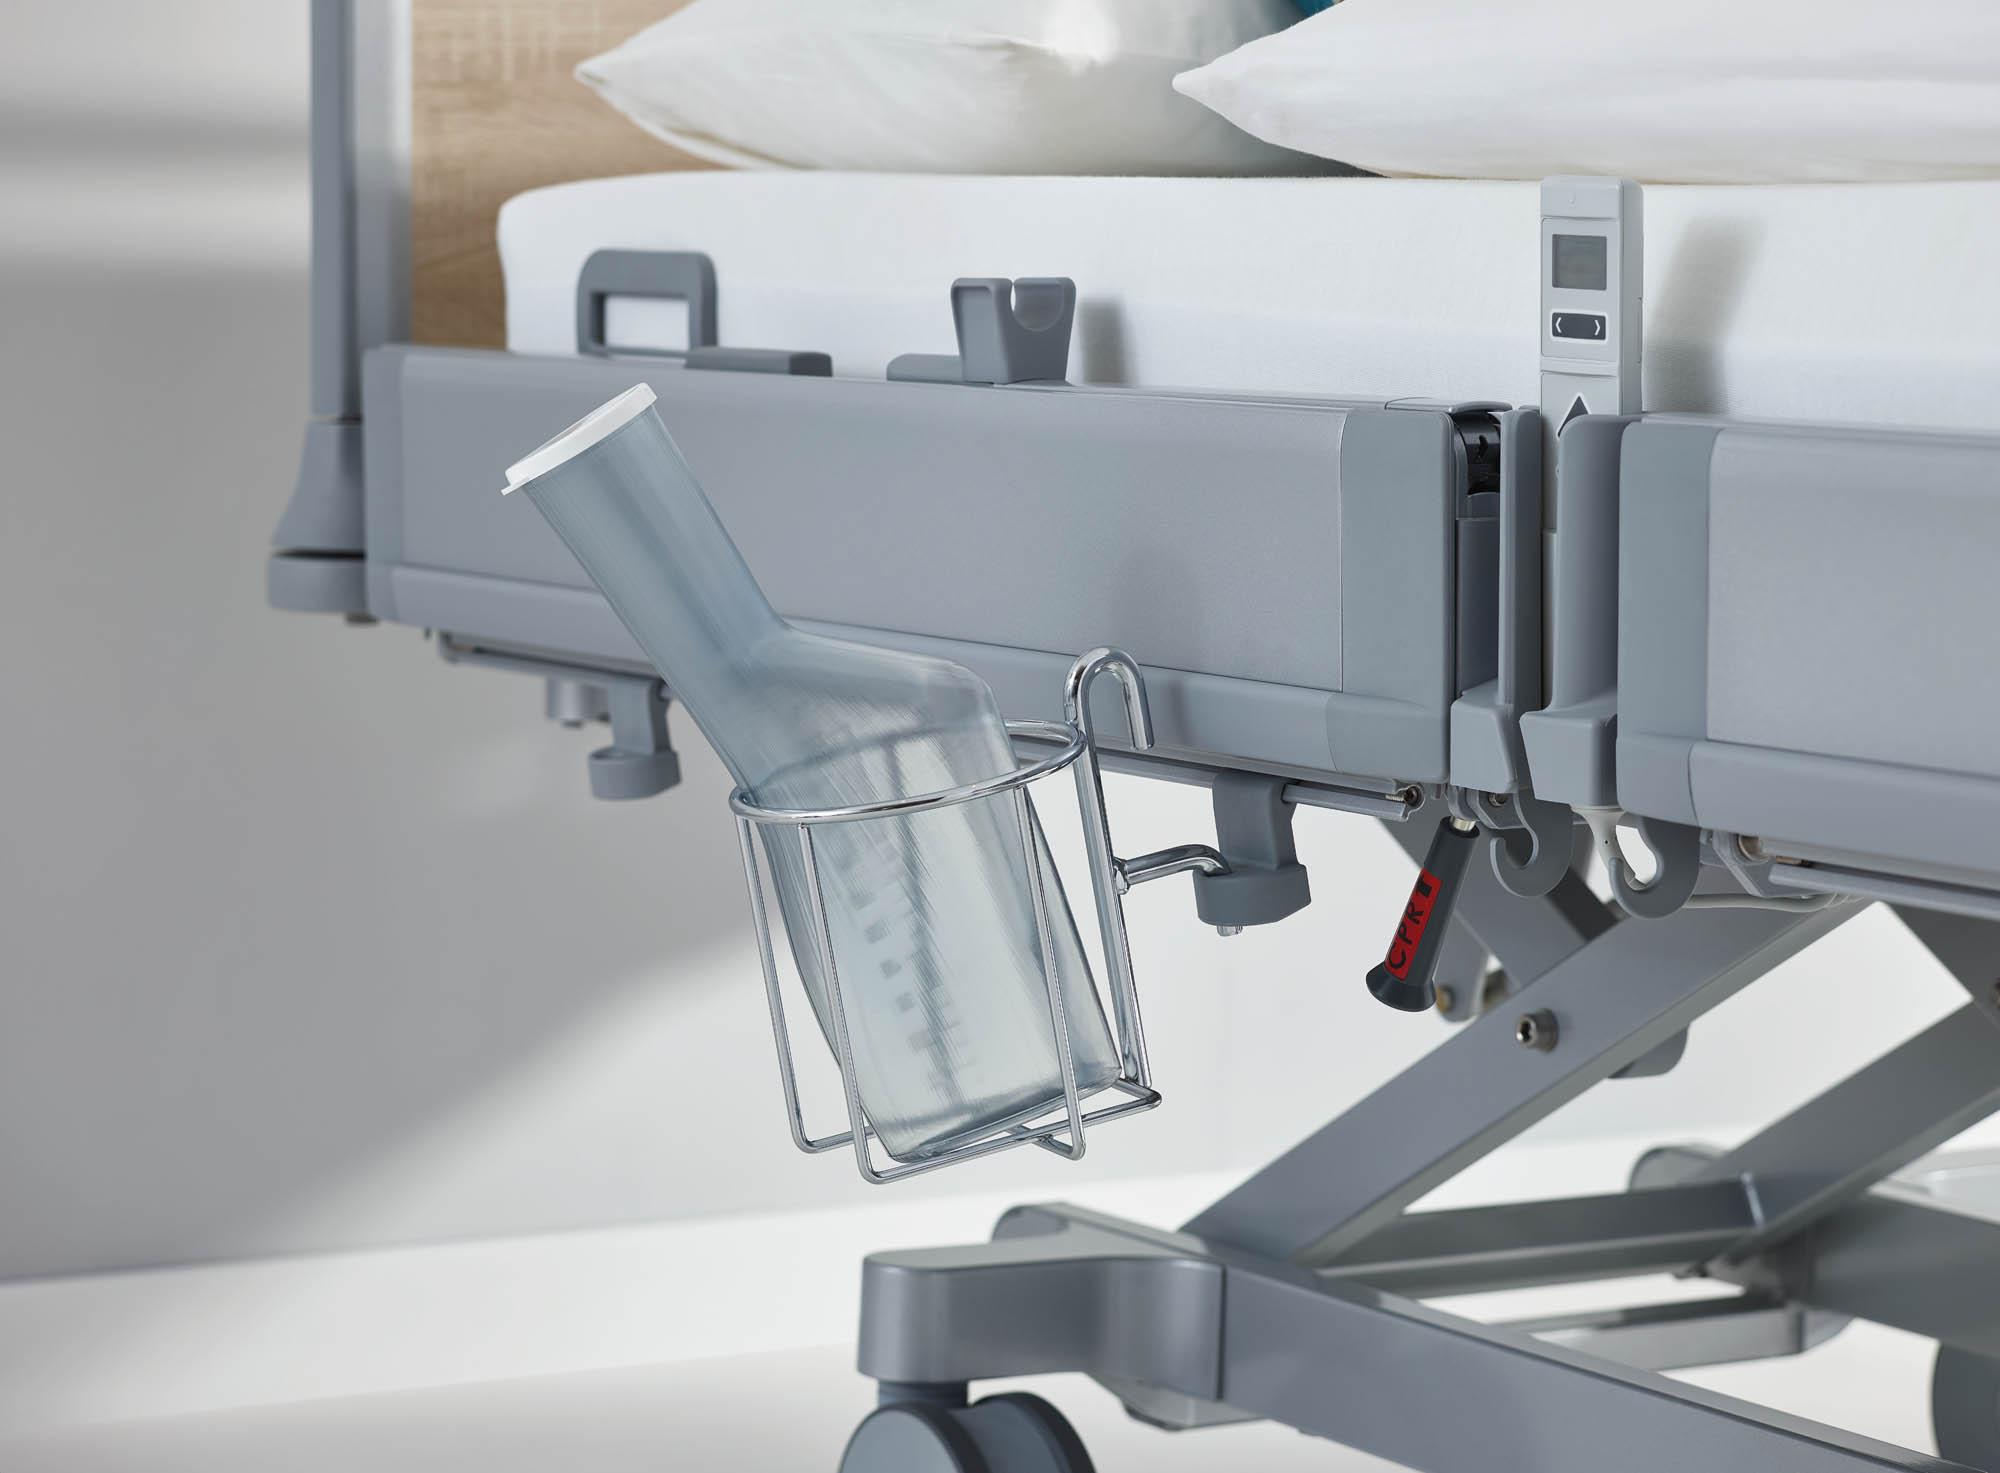 Der Urinflaschenkorb für die MultiFlex+-Seitensicherung des Puro besitzt flexible Montagehöhen.